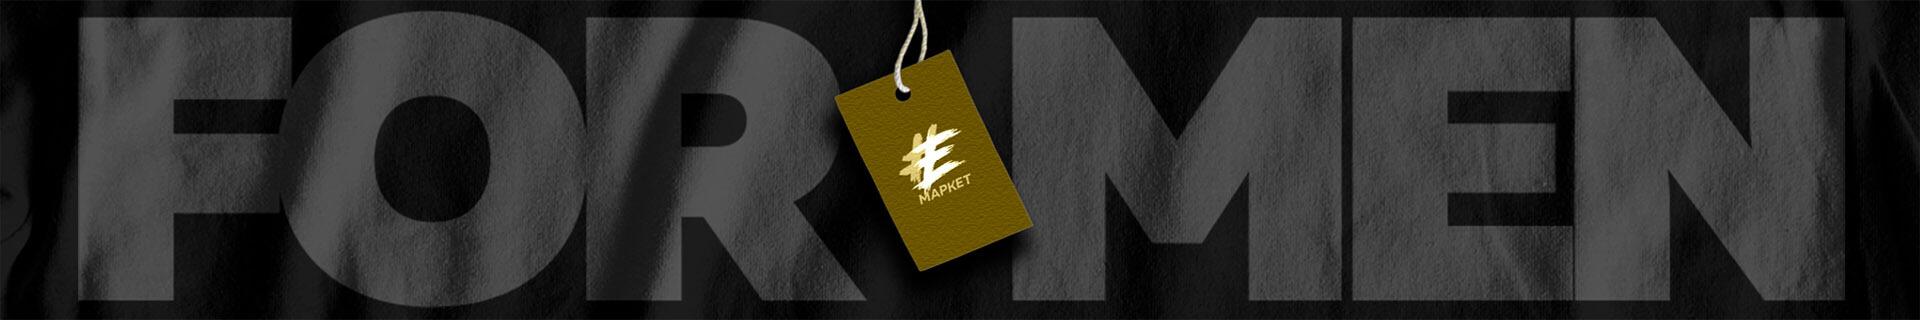 Каталог новинок модной брендовой мужской одежды 2020 года интернет магазина #EGOист